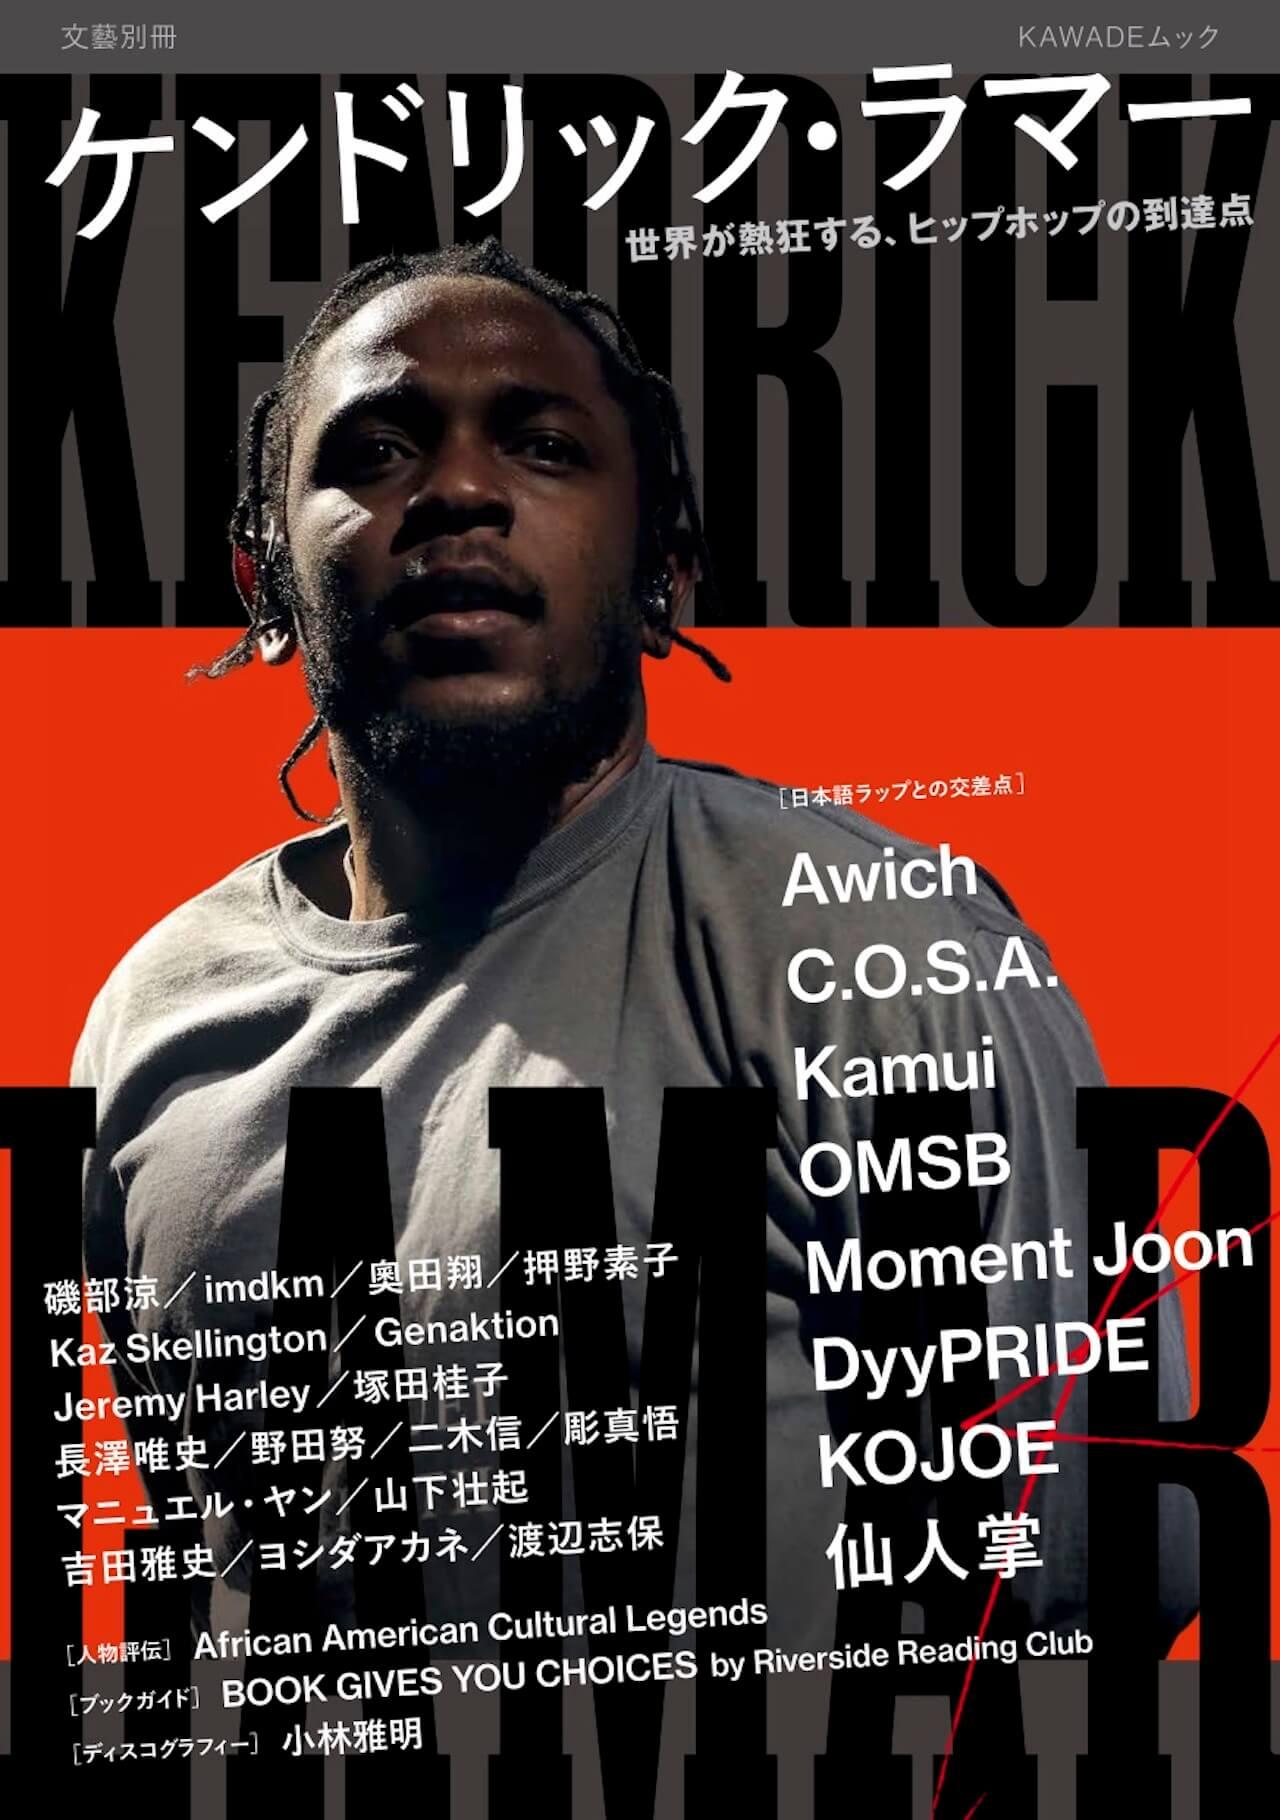 ケンドリック・ラマーのムック本が発売|Awich、C.O.S.A.、Kamui、OMSB、Moment Joon、DyyPRIDE、KOJOE、仙人掌へのインタビューも掲載 music200327-kendrick-lamar